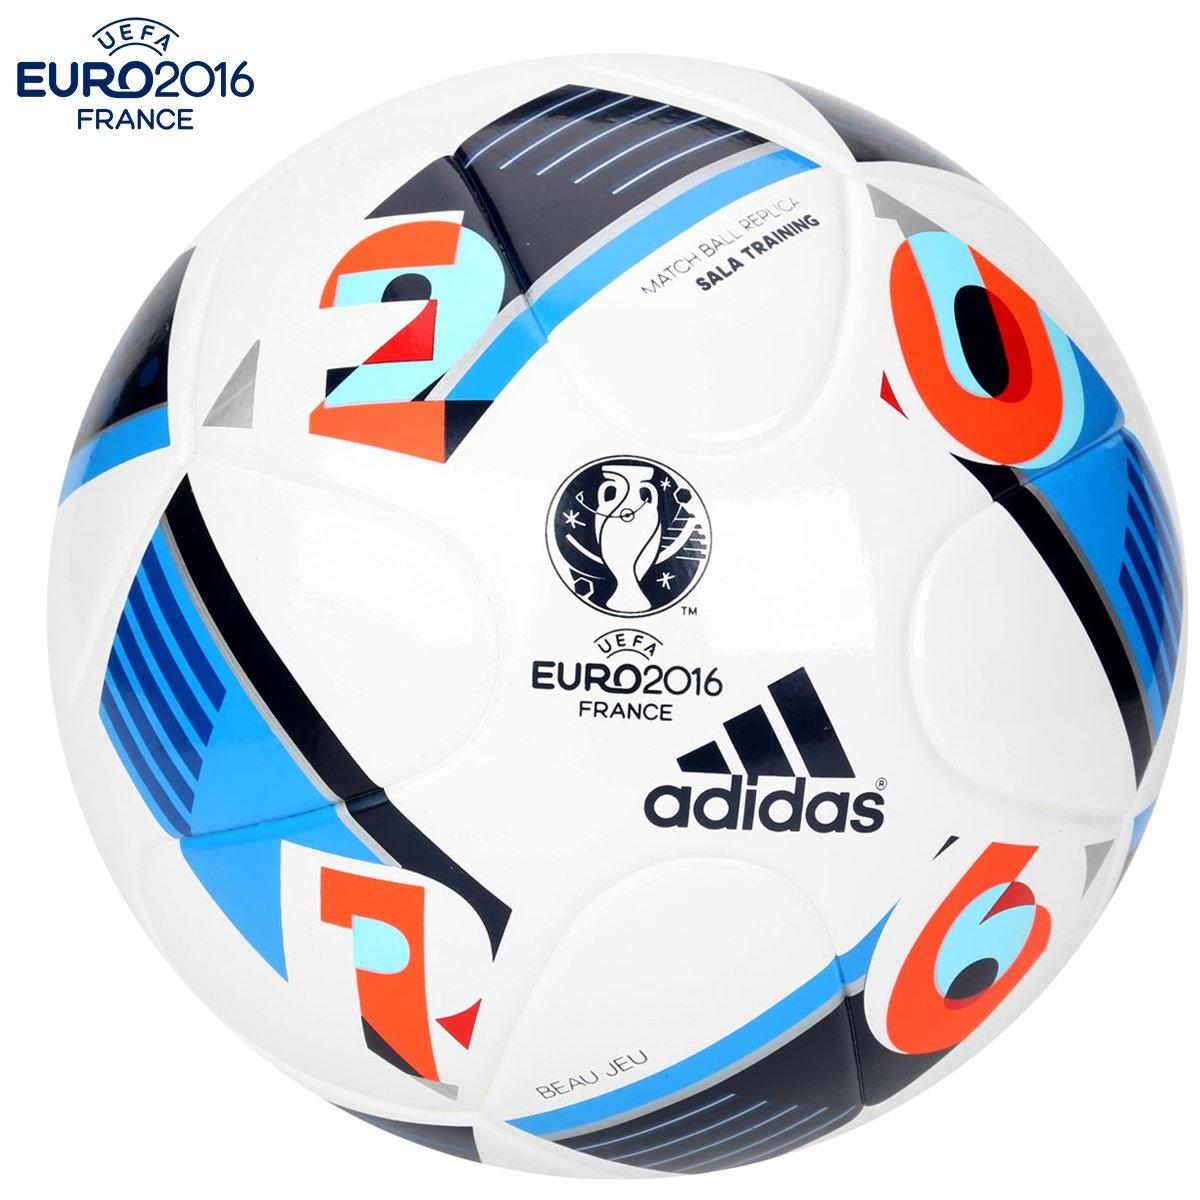 da8122cea77c1 Bola Futebol Adidas Euro 2016 Sala Trai Futsal - Compre Agora